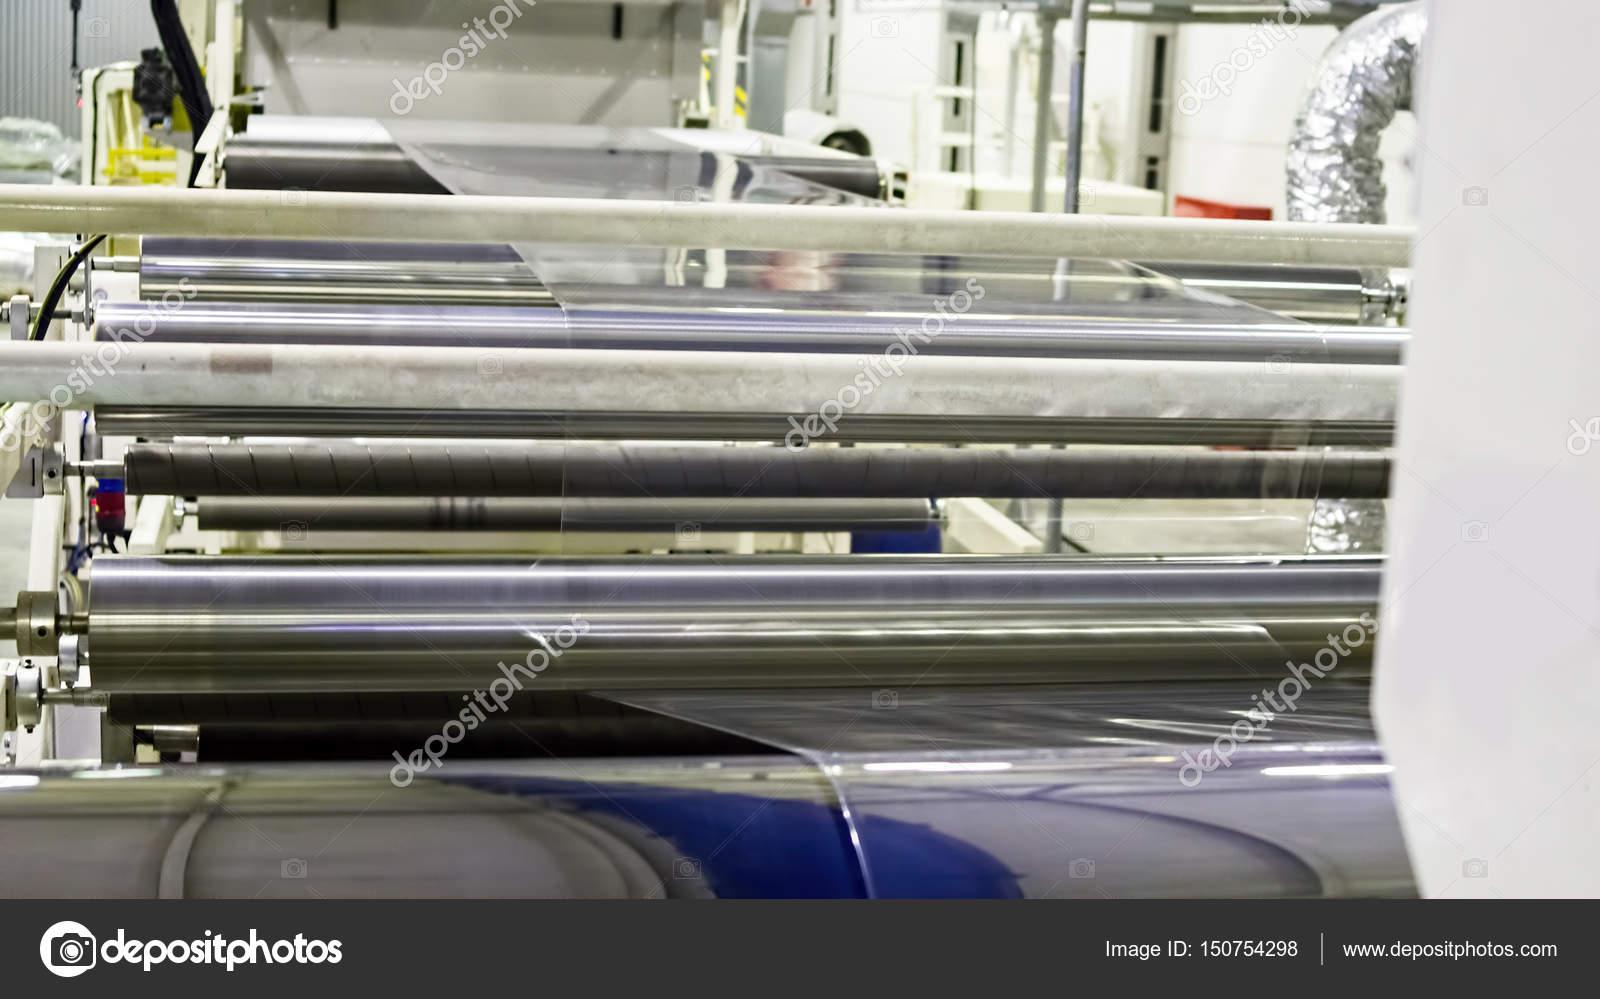 https://st3.depositphotos.com/10191198/15075/i/1600/depositphotos_150754298-stockafbeelding-fabriek-de-binnenkant-industrieel-gebouw.jpg